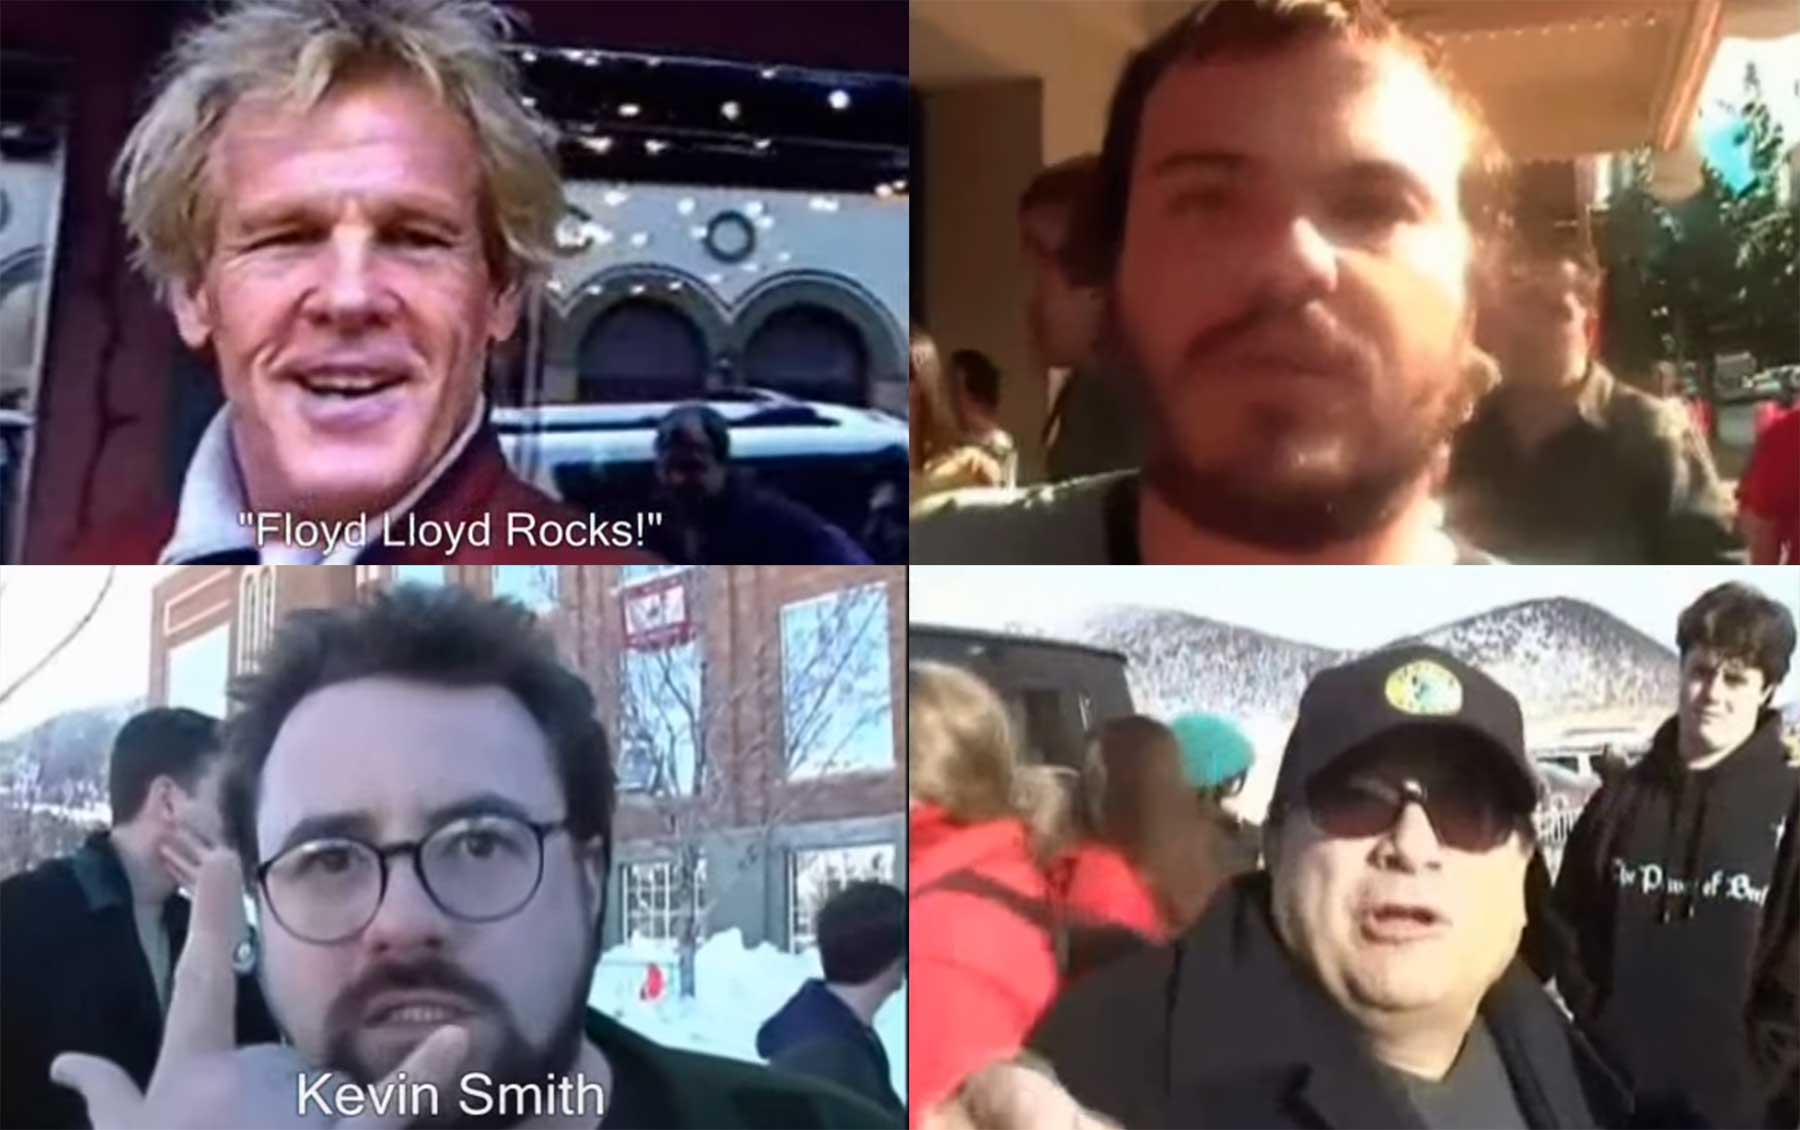 """Mann lässt jahrelang Promis """"Floyd Lloyd Rocks!"""" sagen floyd-lloyd-rocks"""